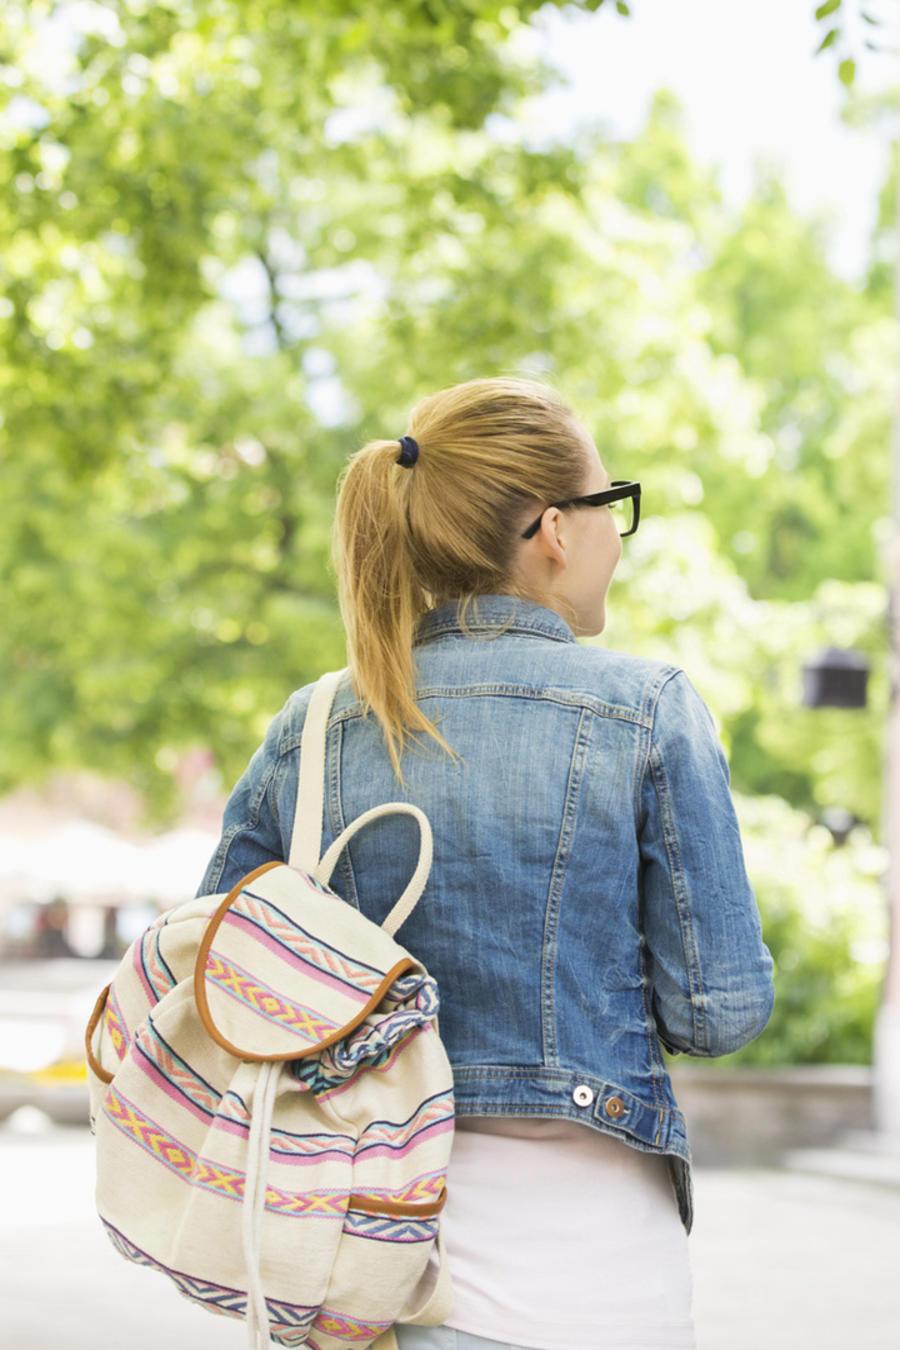 Estudiantes caminando al aire libre